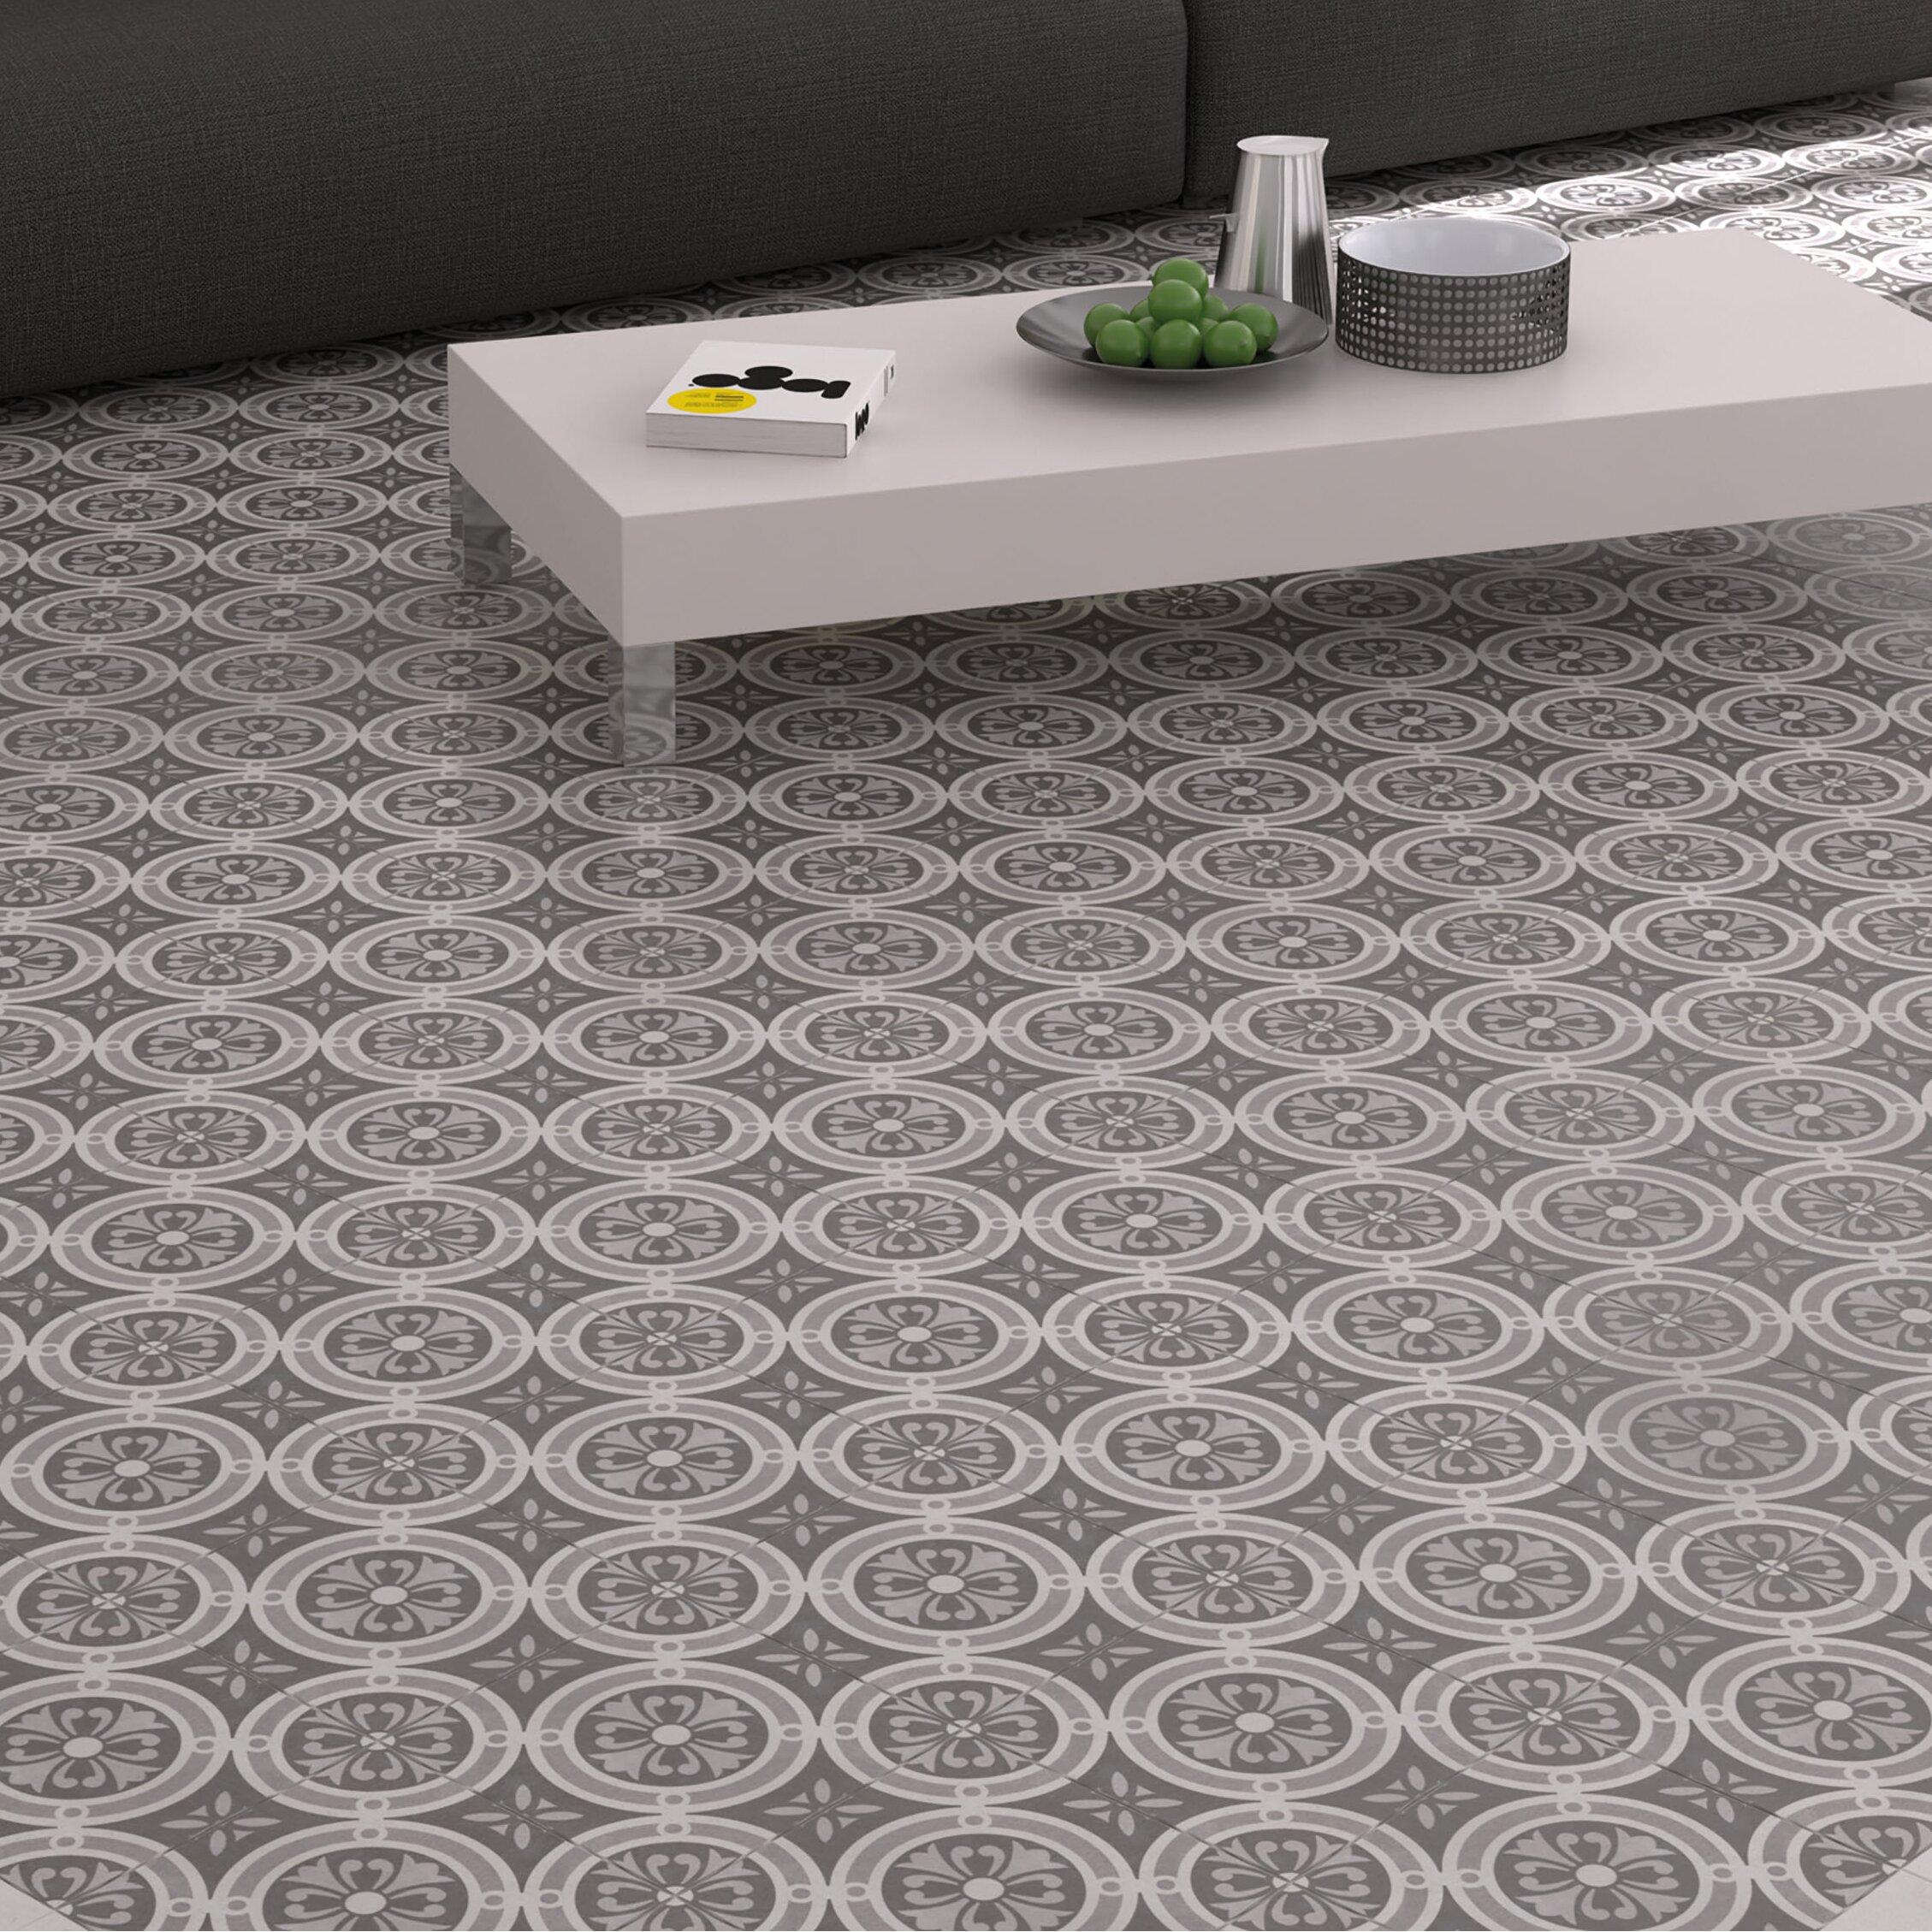 Elitetile Annata 9 75 Quot X 9 75 Quot Porcelain Field Tile In